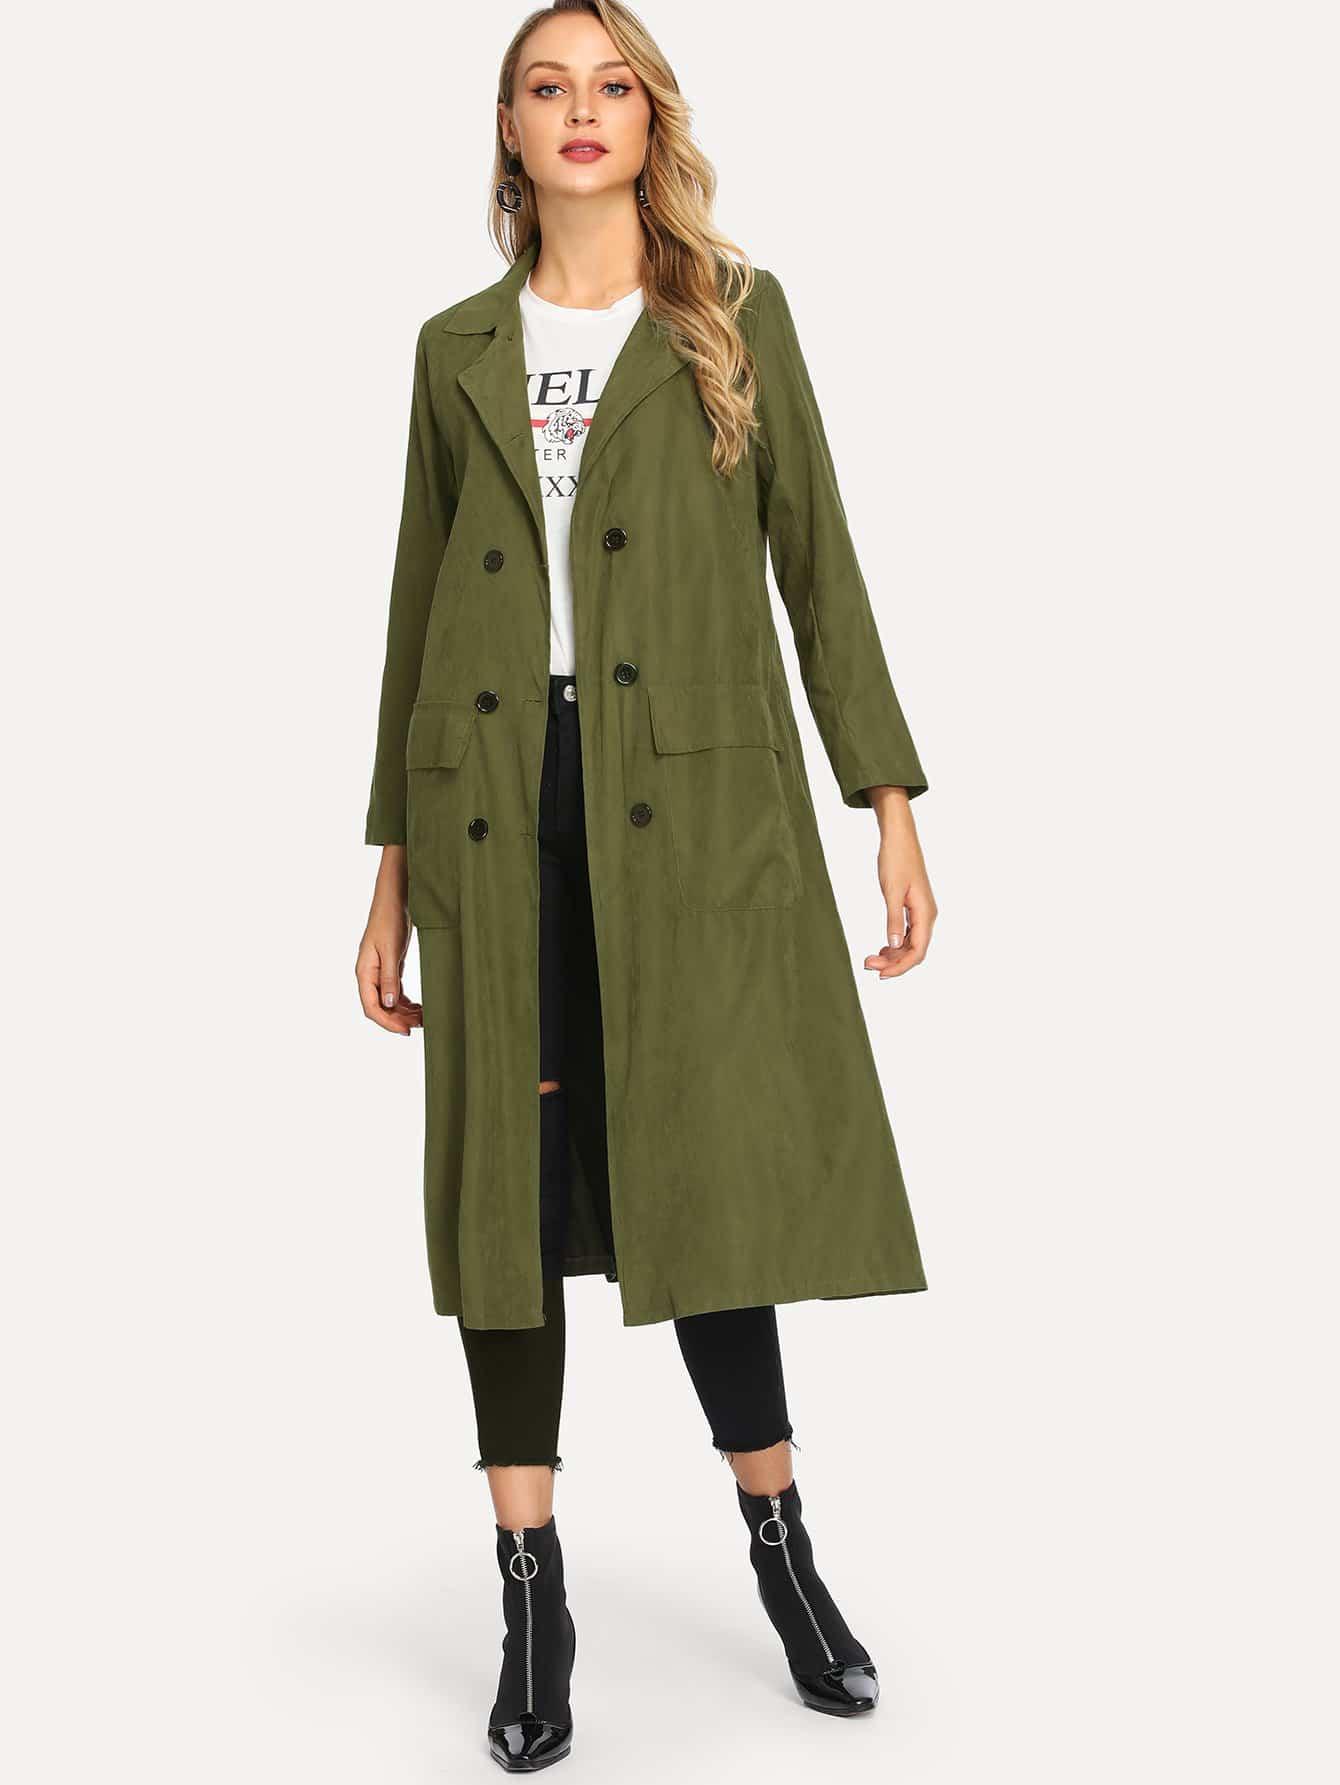 Купить Повседневный стиль Одноцветный на пуговицах пальто Цвета хаки Пальто, Sasa, SheIn